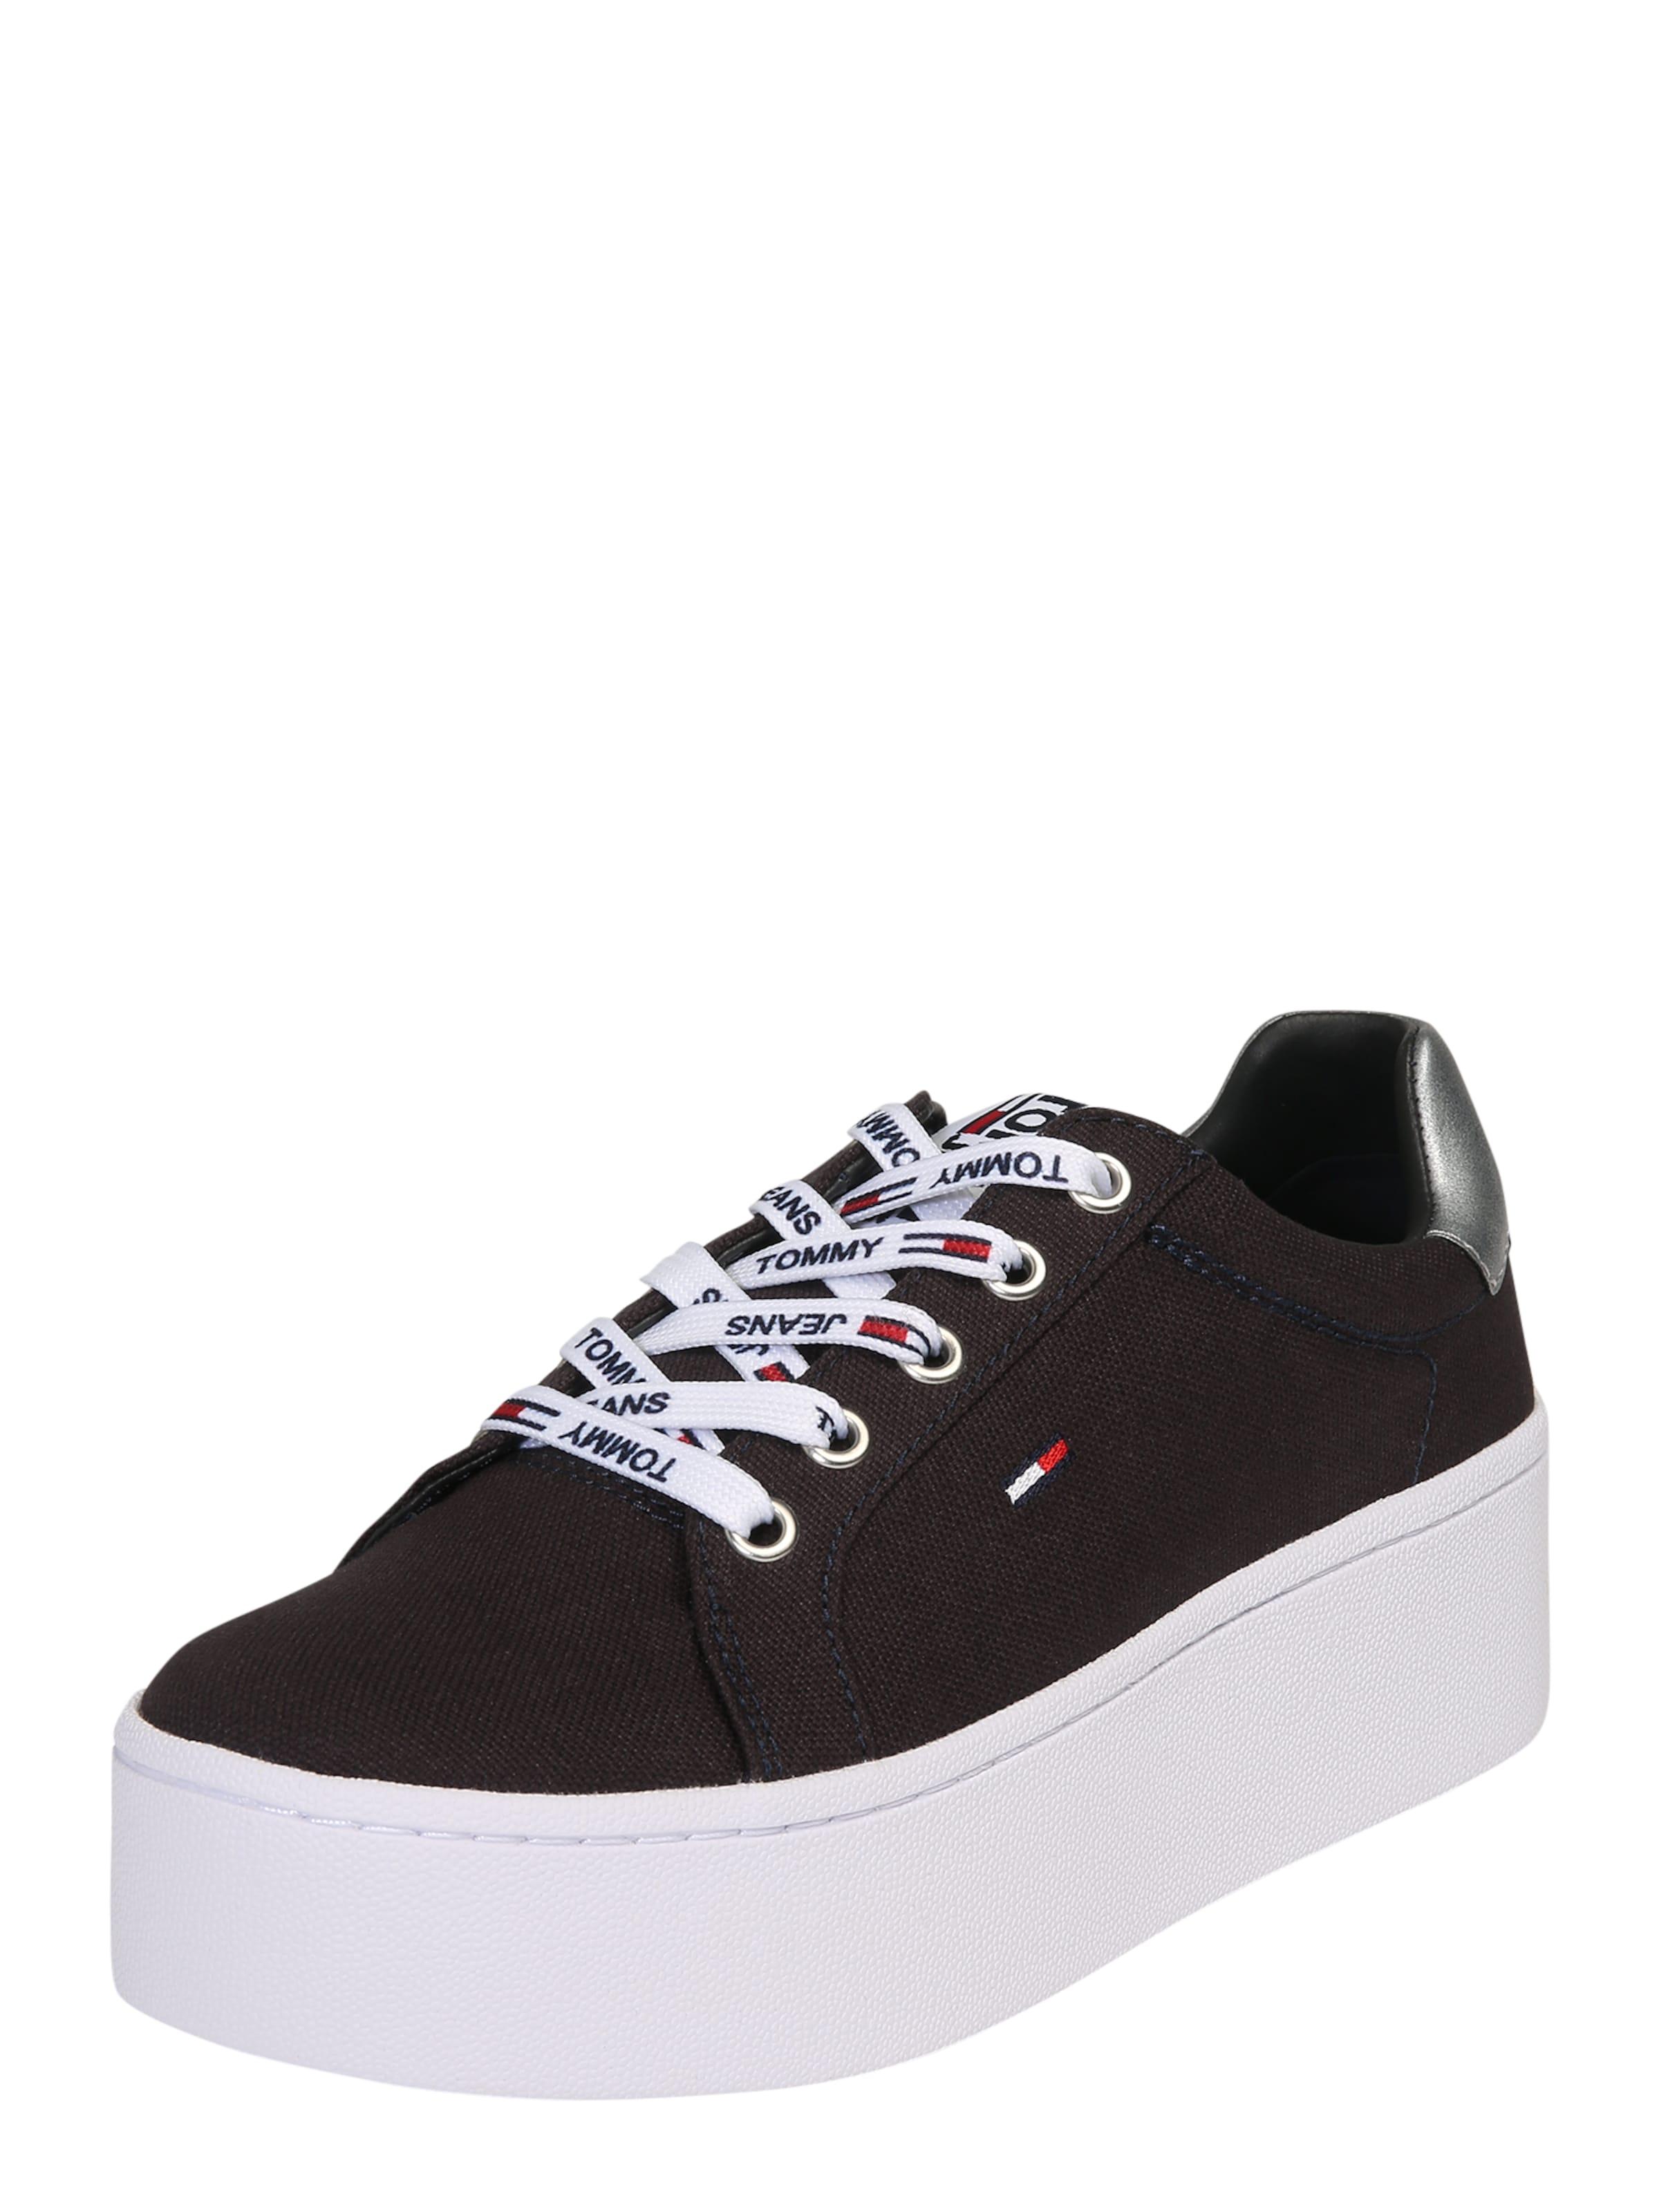 Tommy Jeans Sneaker mit Plateau dunkelblau mt7Oho